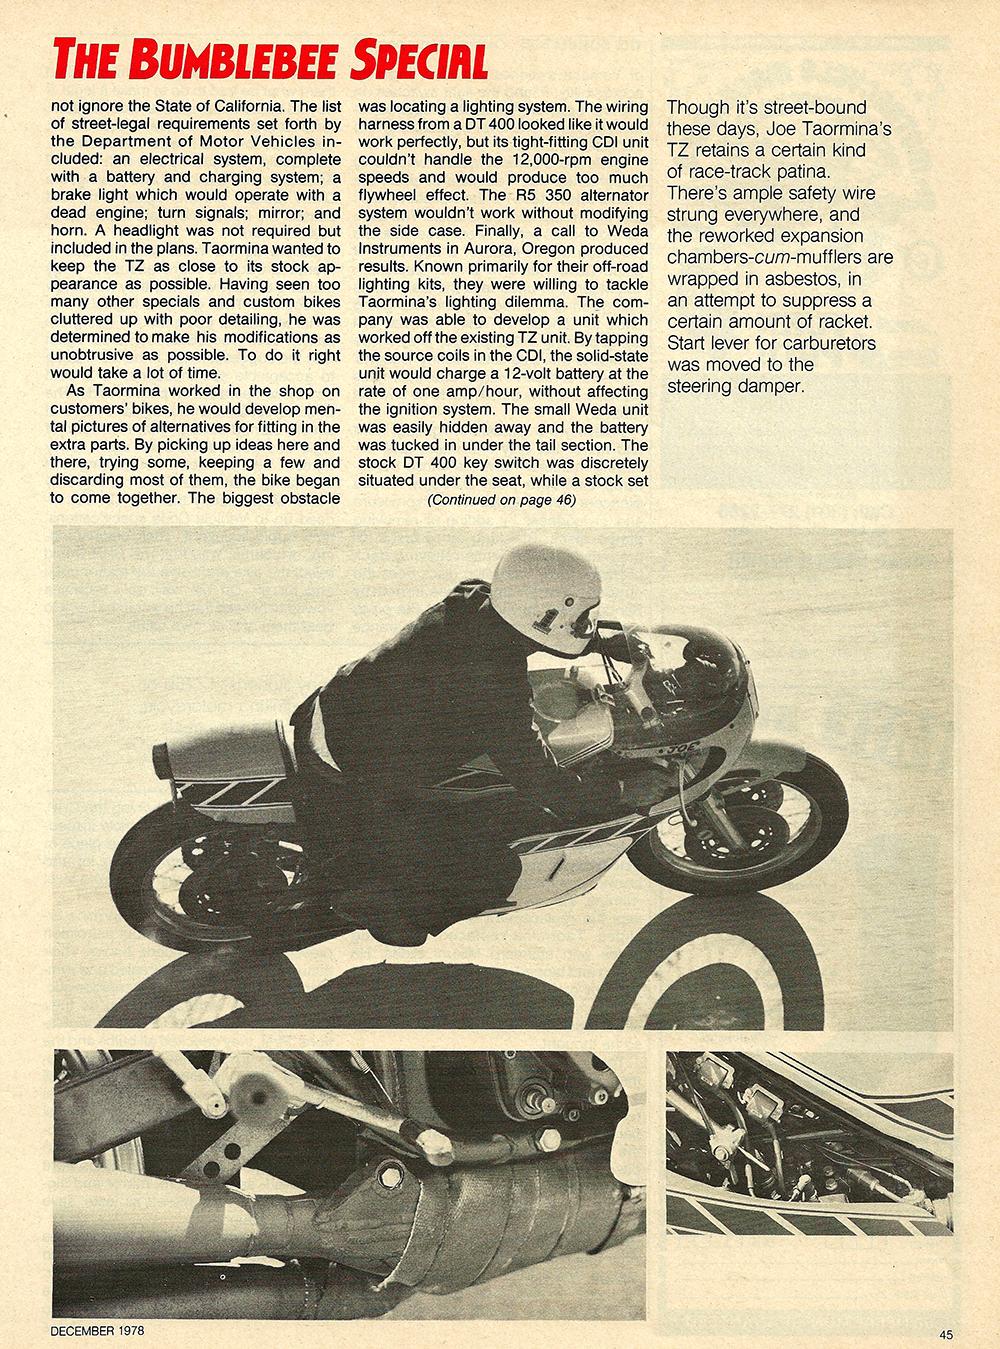 1978 Yamaha TZ750 Bumblebee Special test 04.jpg